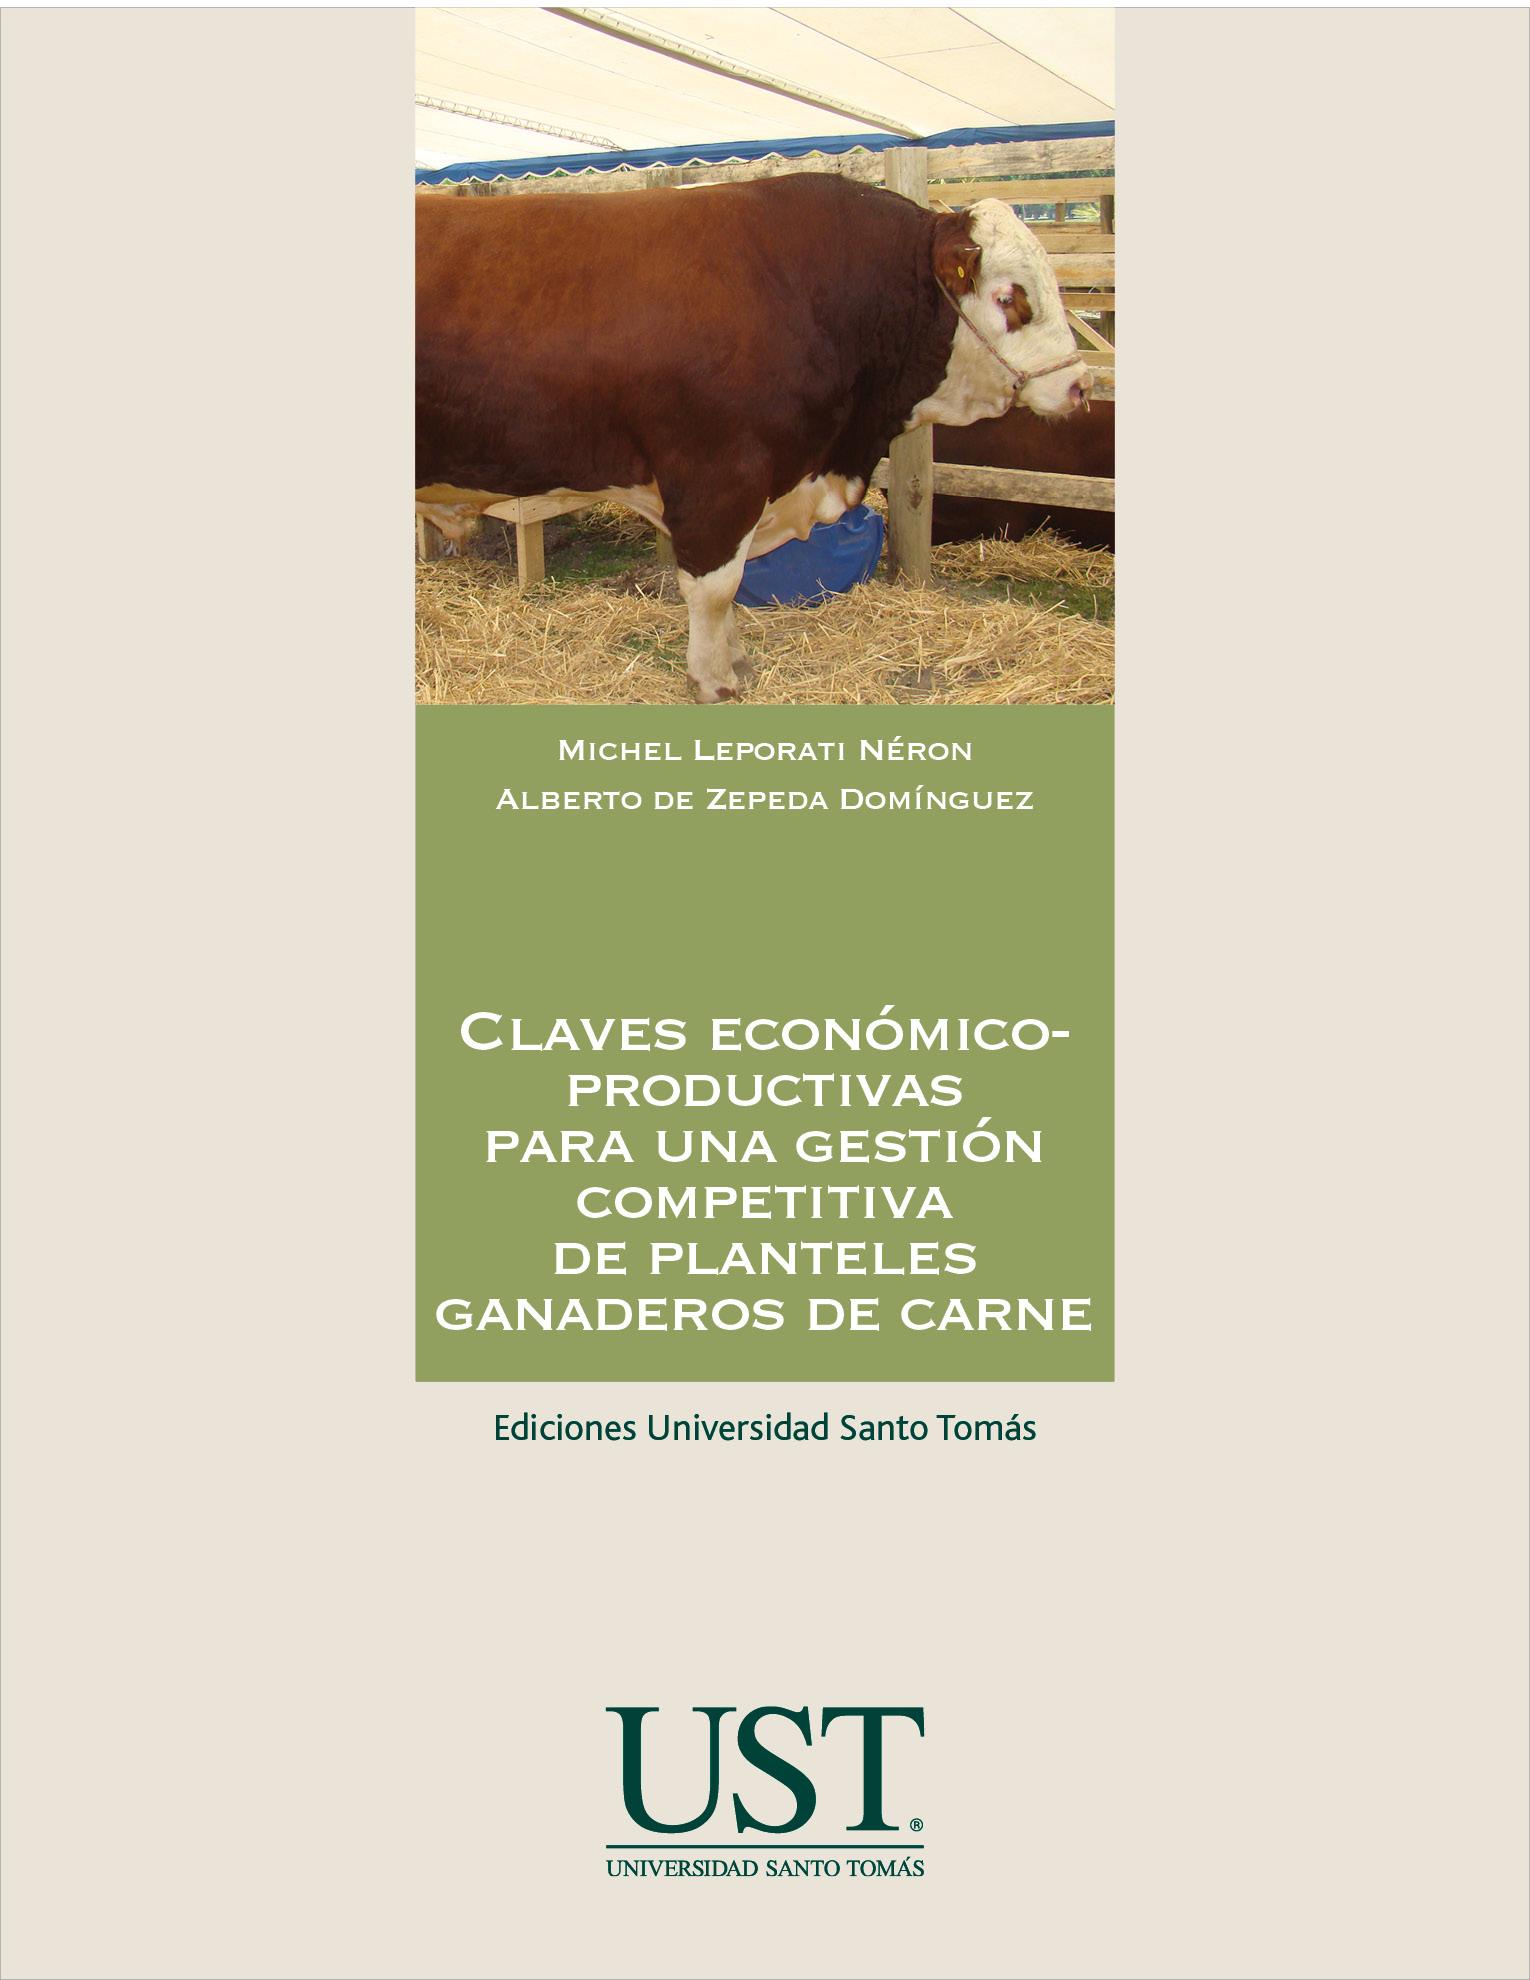 Claves económico-productivas para una gestión competitiva de planteles ganaderos de carne